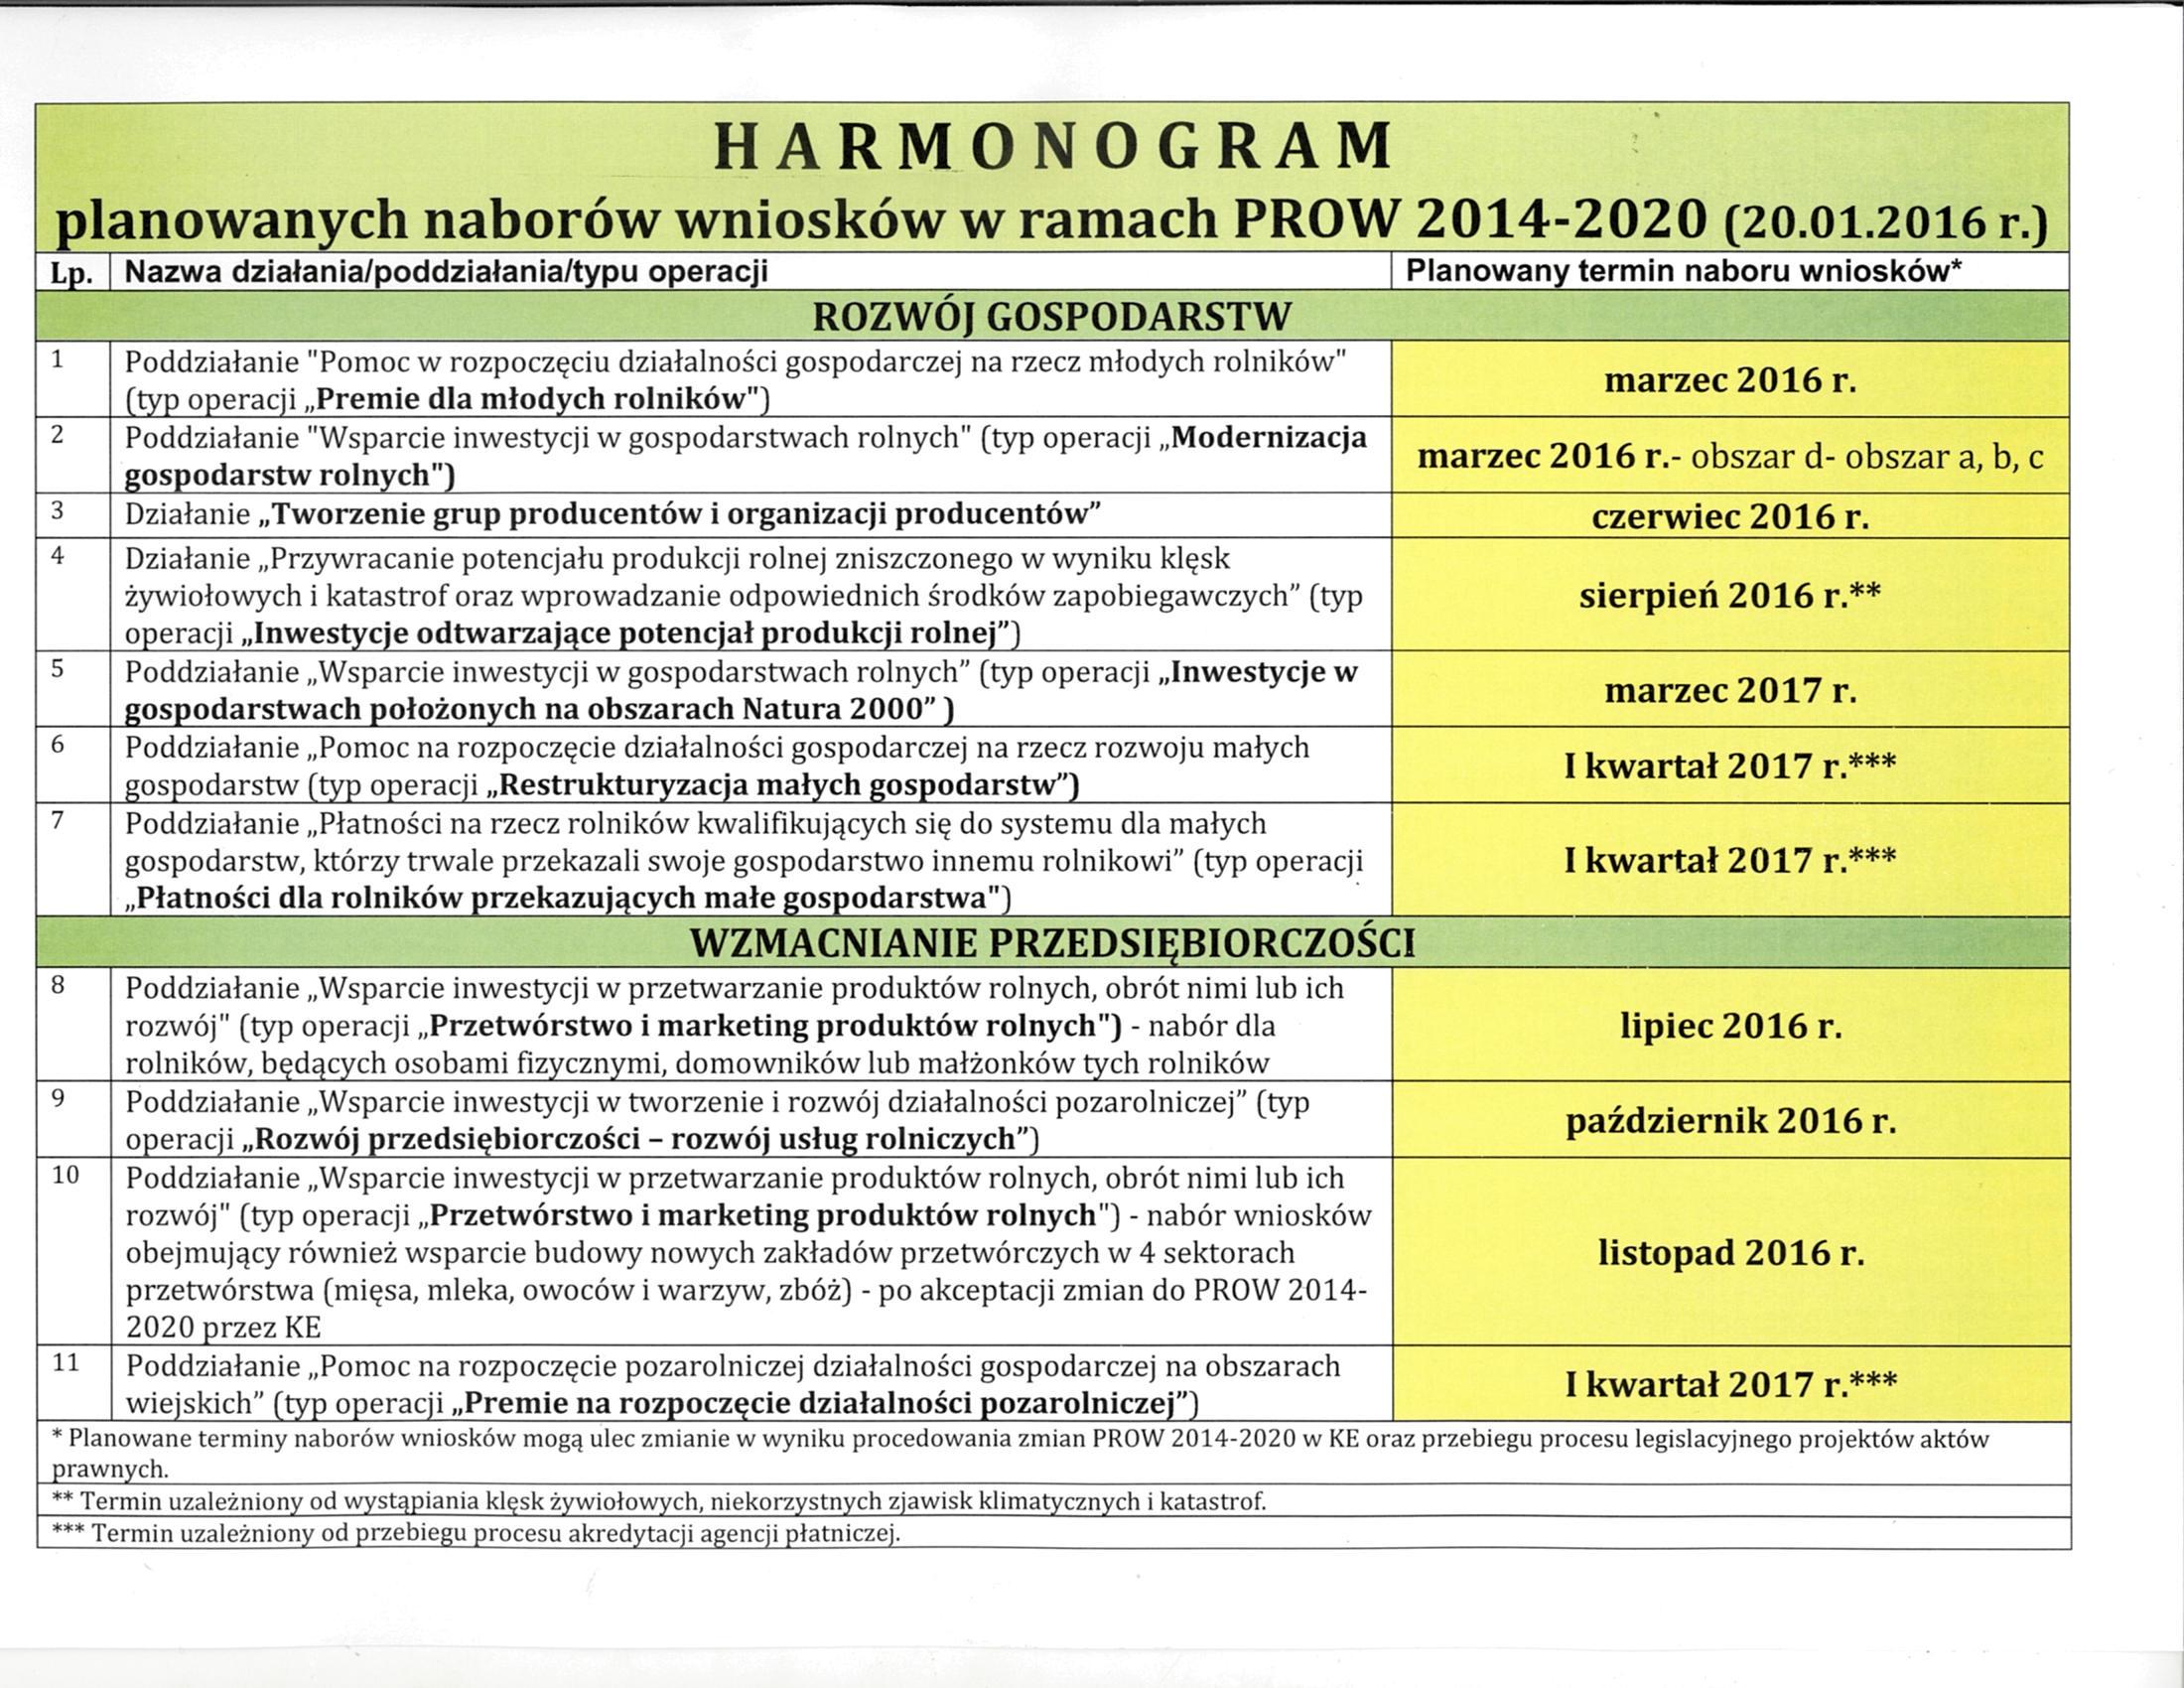 Harmonogram-0